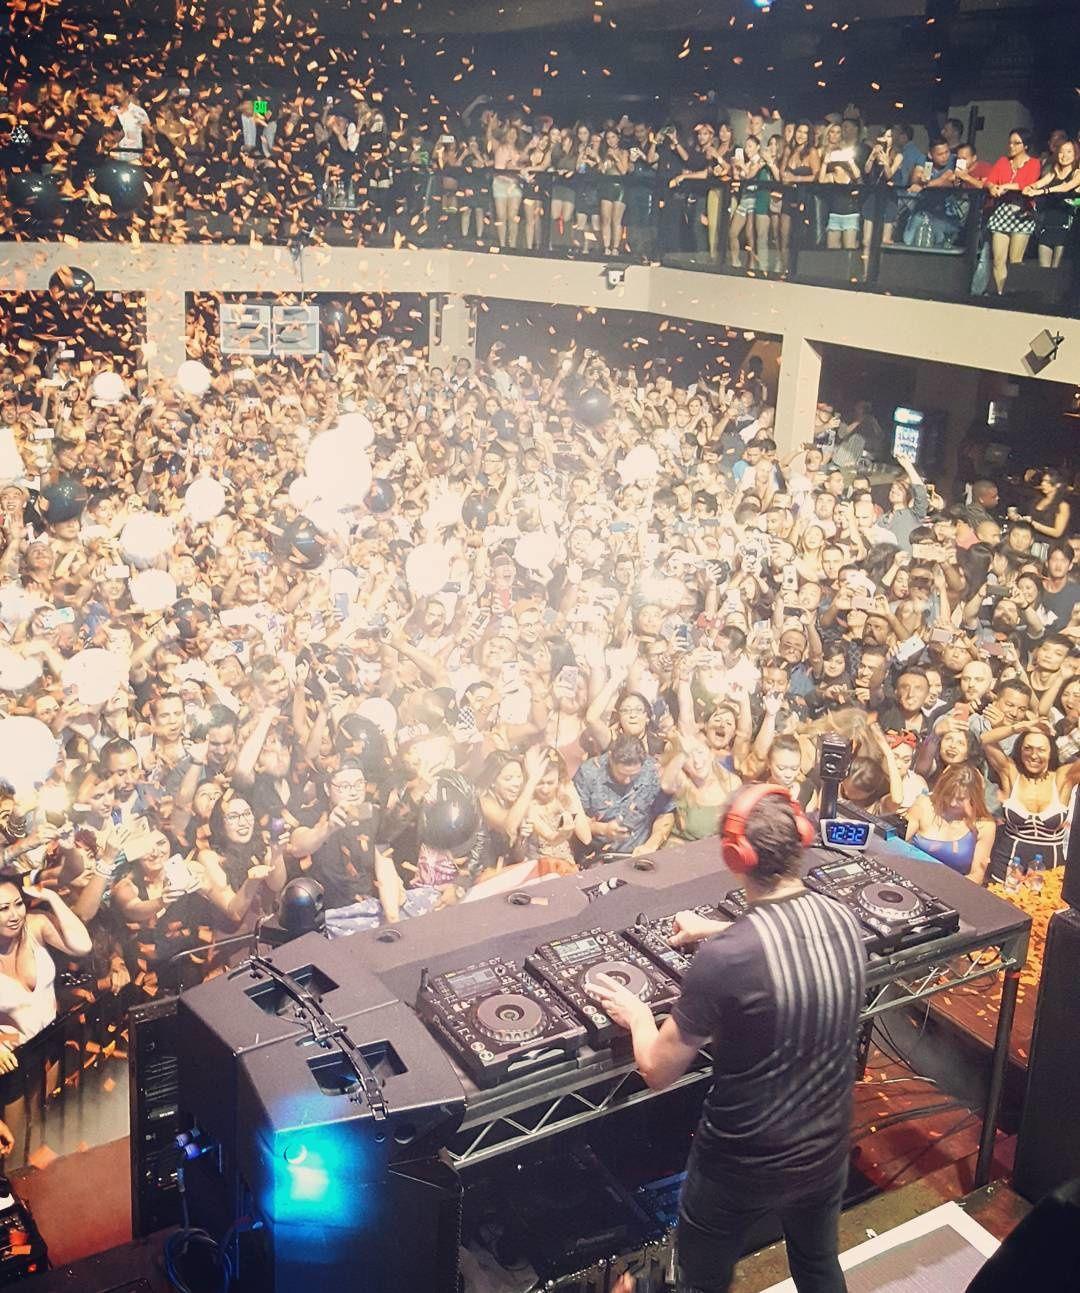 Tiësto photos   Exchange LA   Los Angeles, CA - August 26, 2016